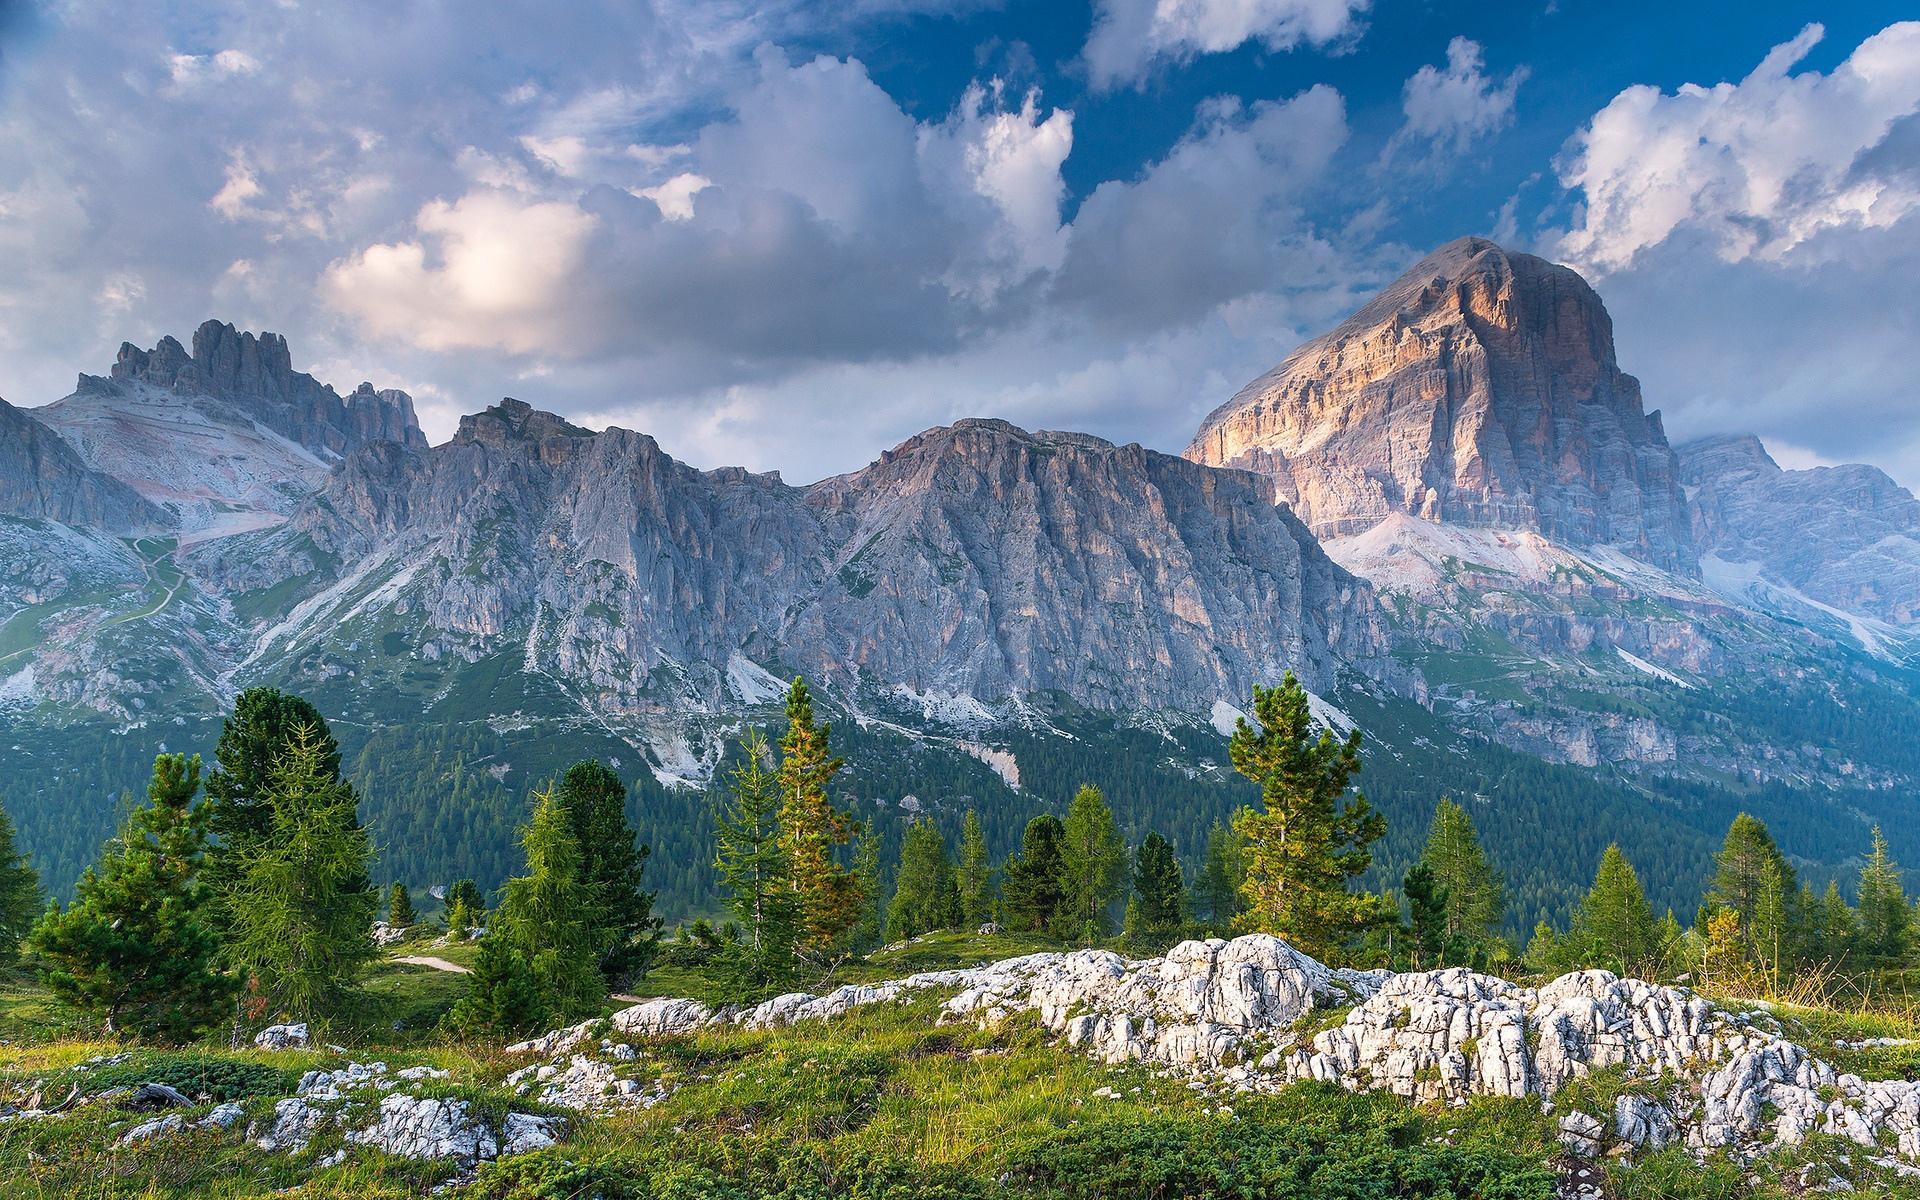 意大利白云石山自然风景图片壁纸